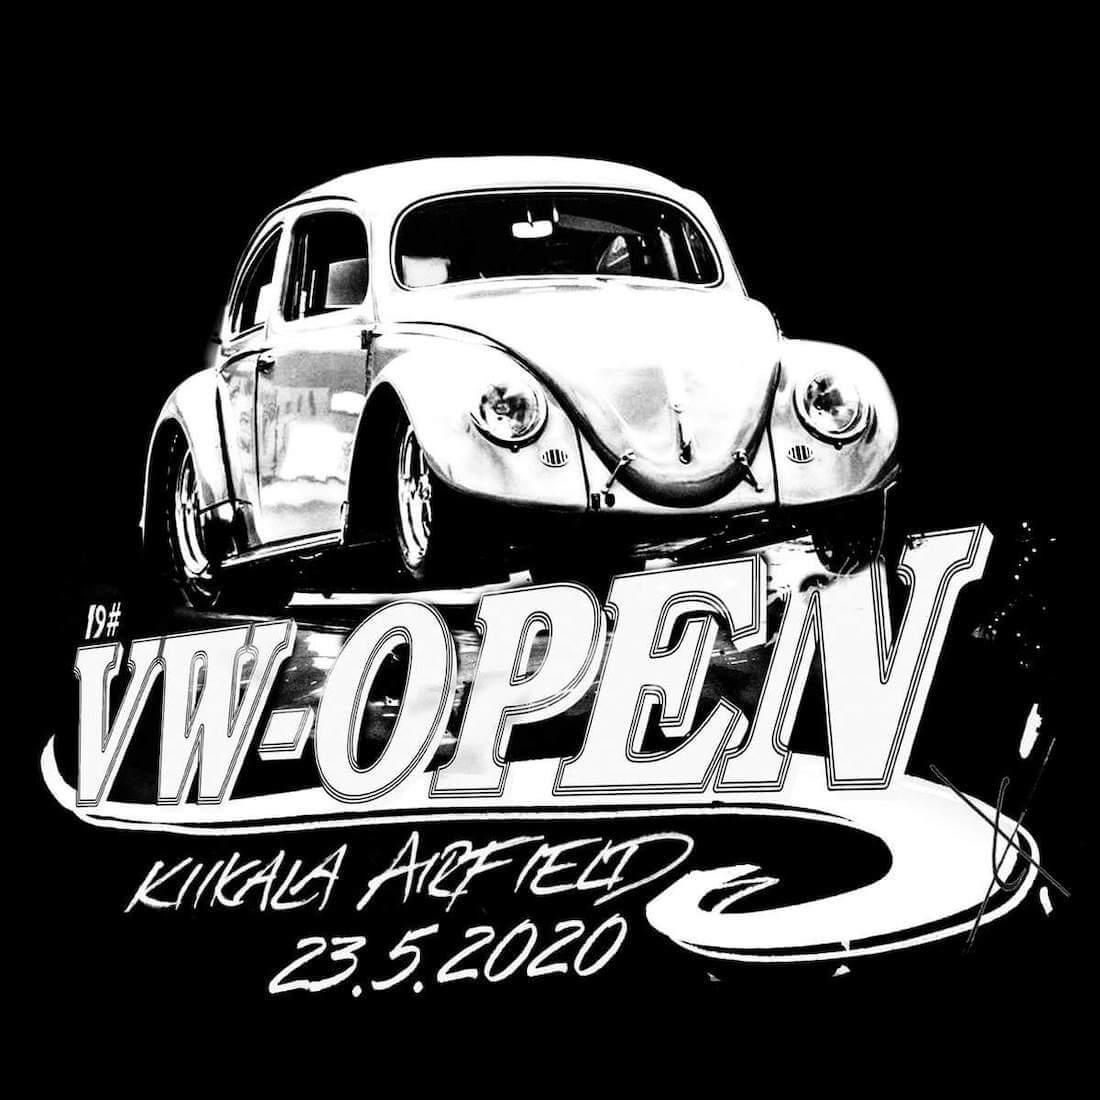 VW-Open 2020 tapahtuman mainos